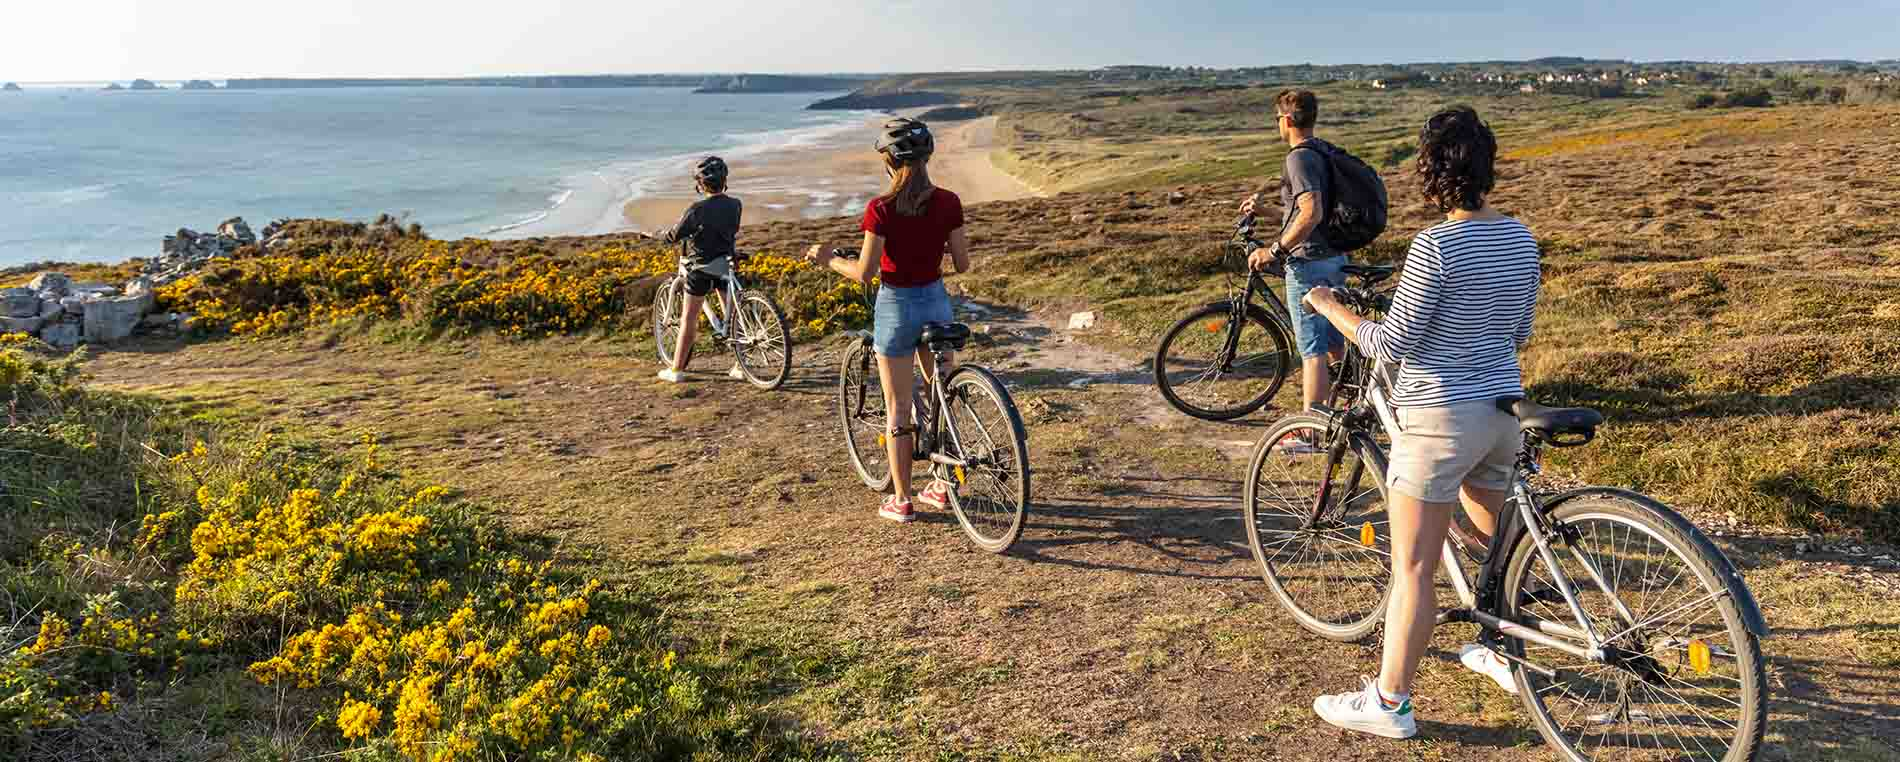 Votre séjour vélo en Finistère